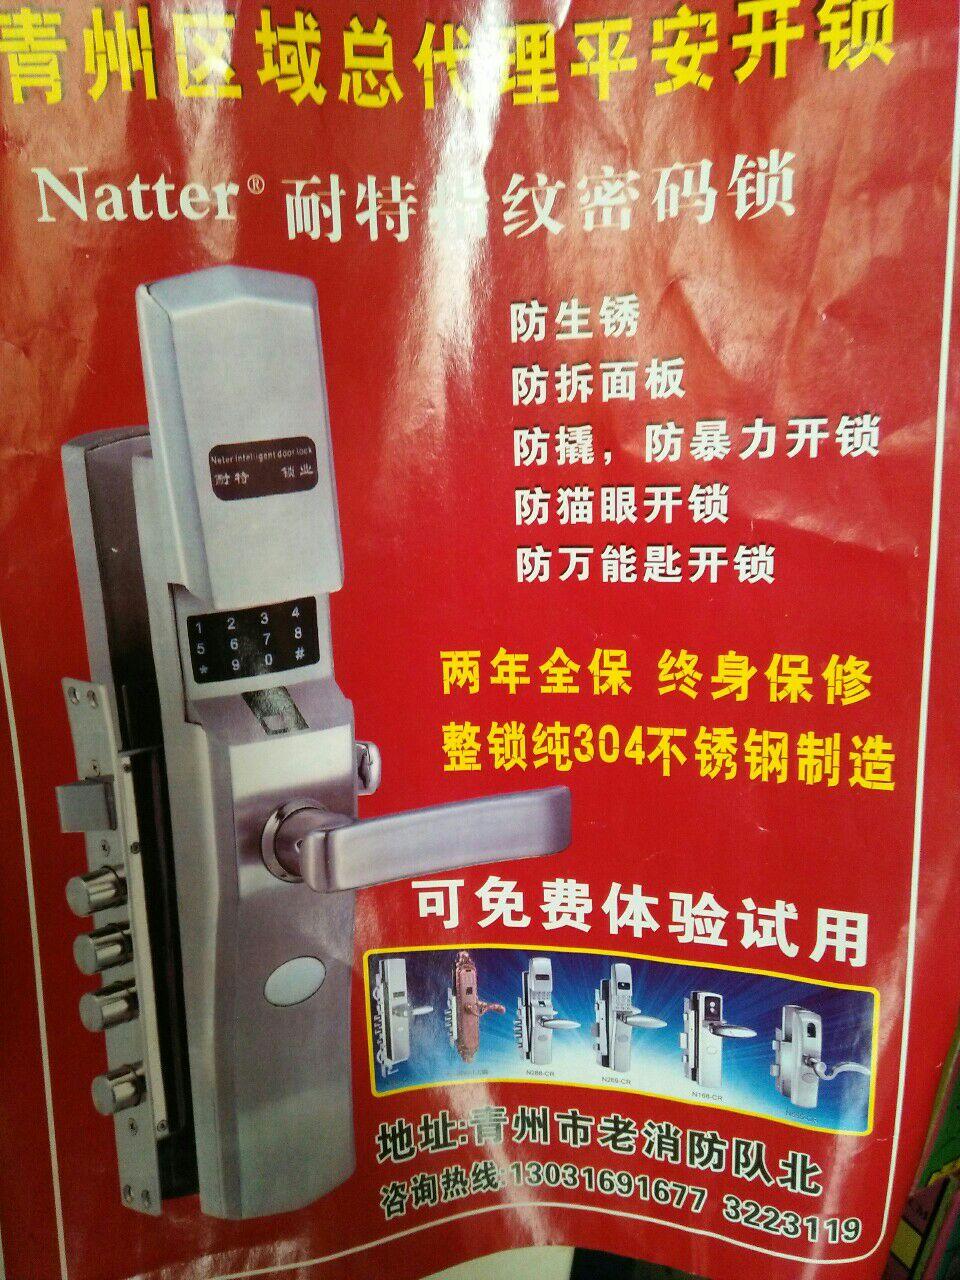 青州平安开锁3223119智能指纹锁安装